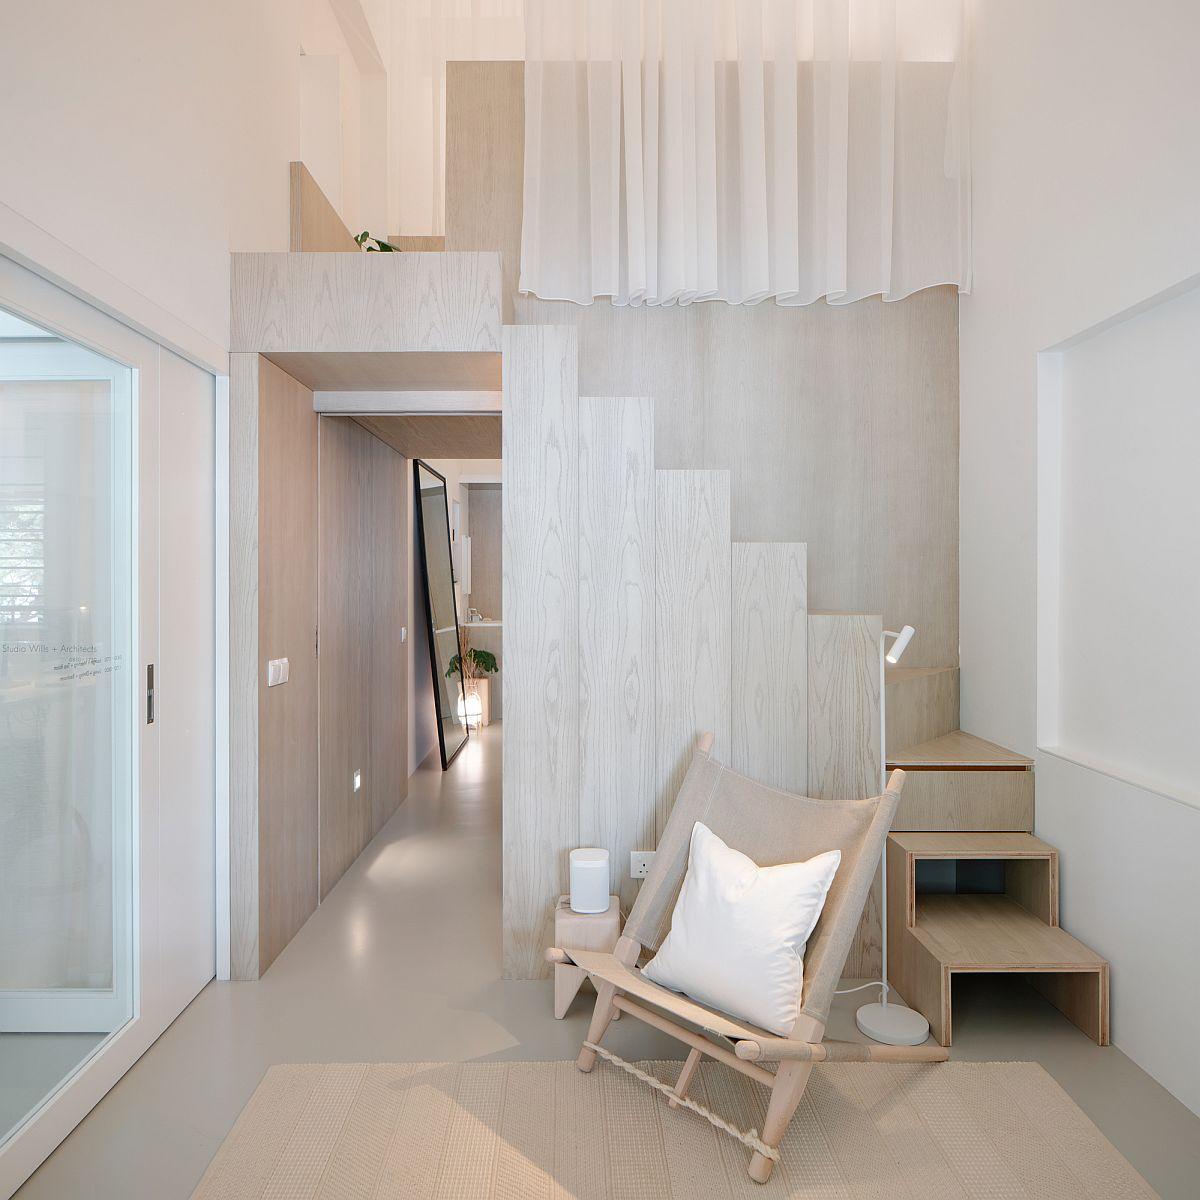 La conception de lit mezzanine savoureuse et élégante de l'appartement est un simple showstopper